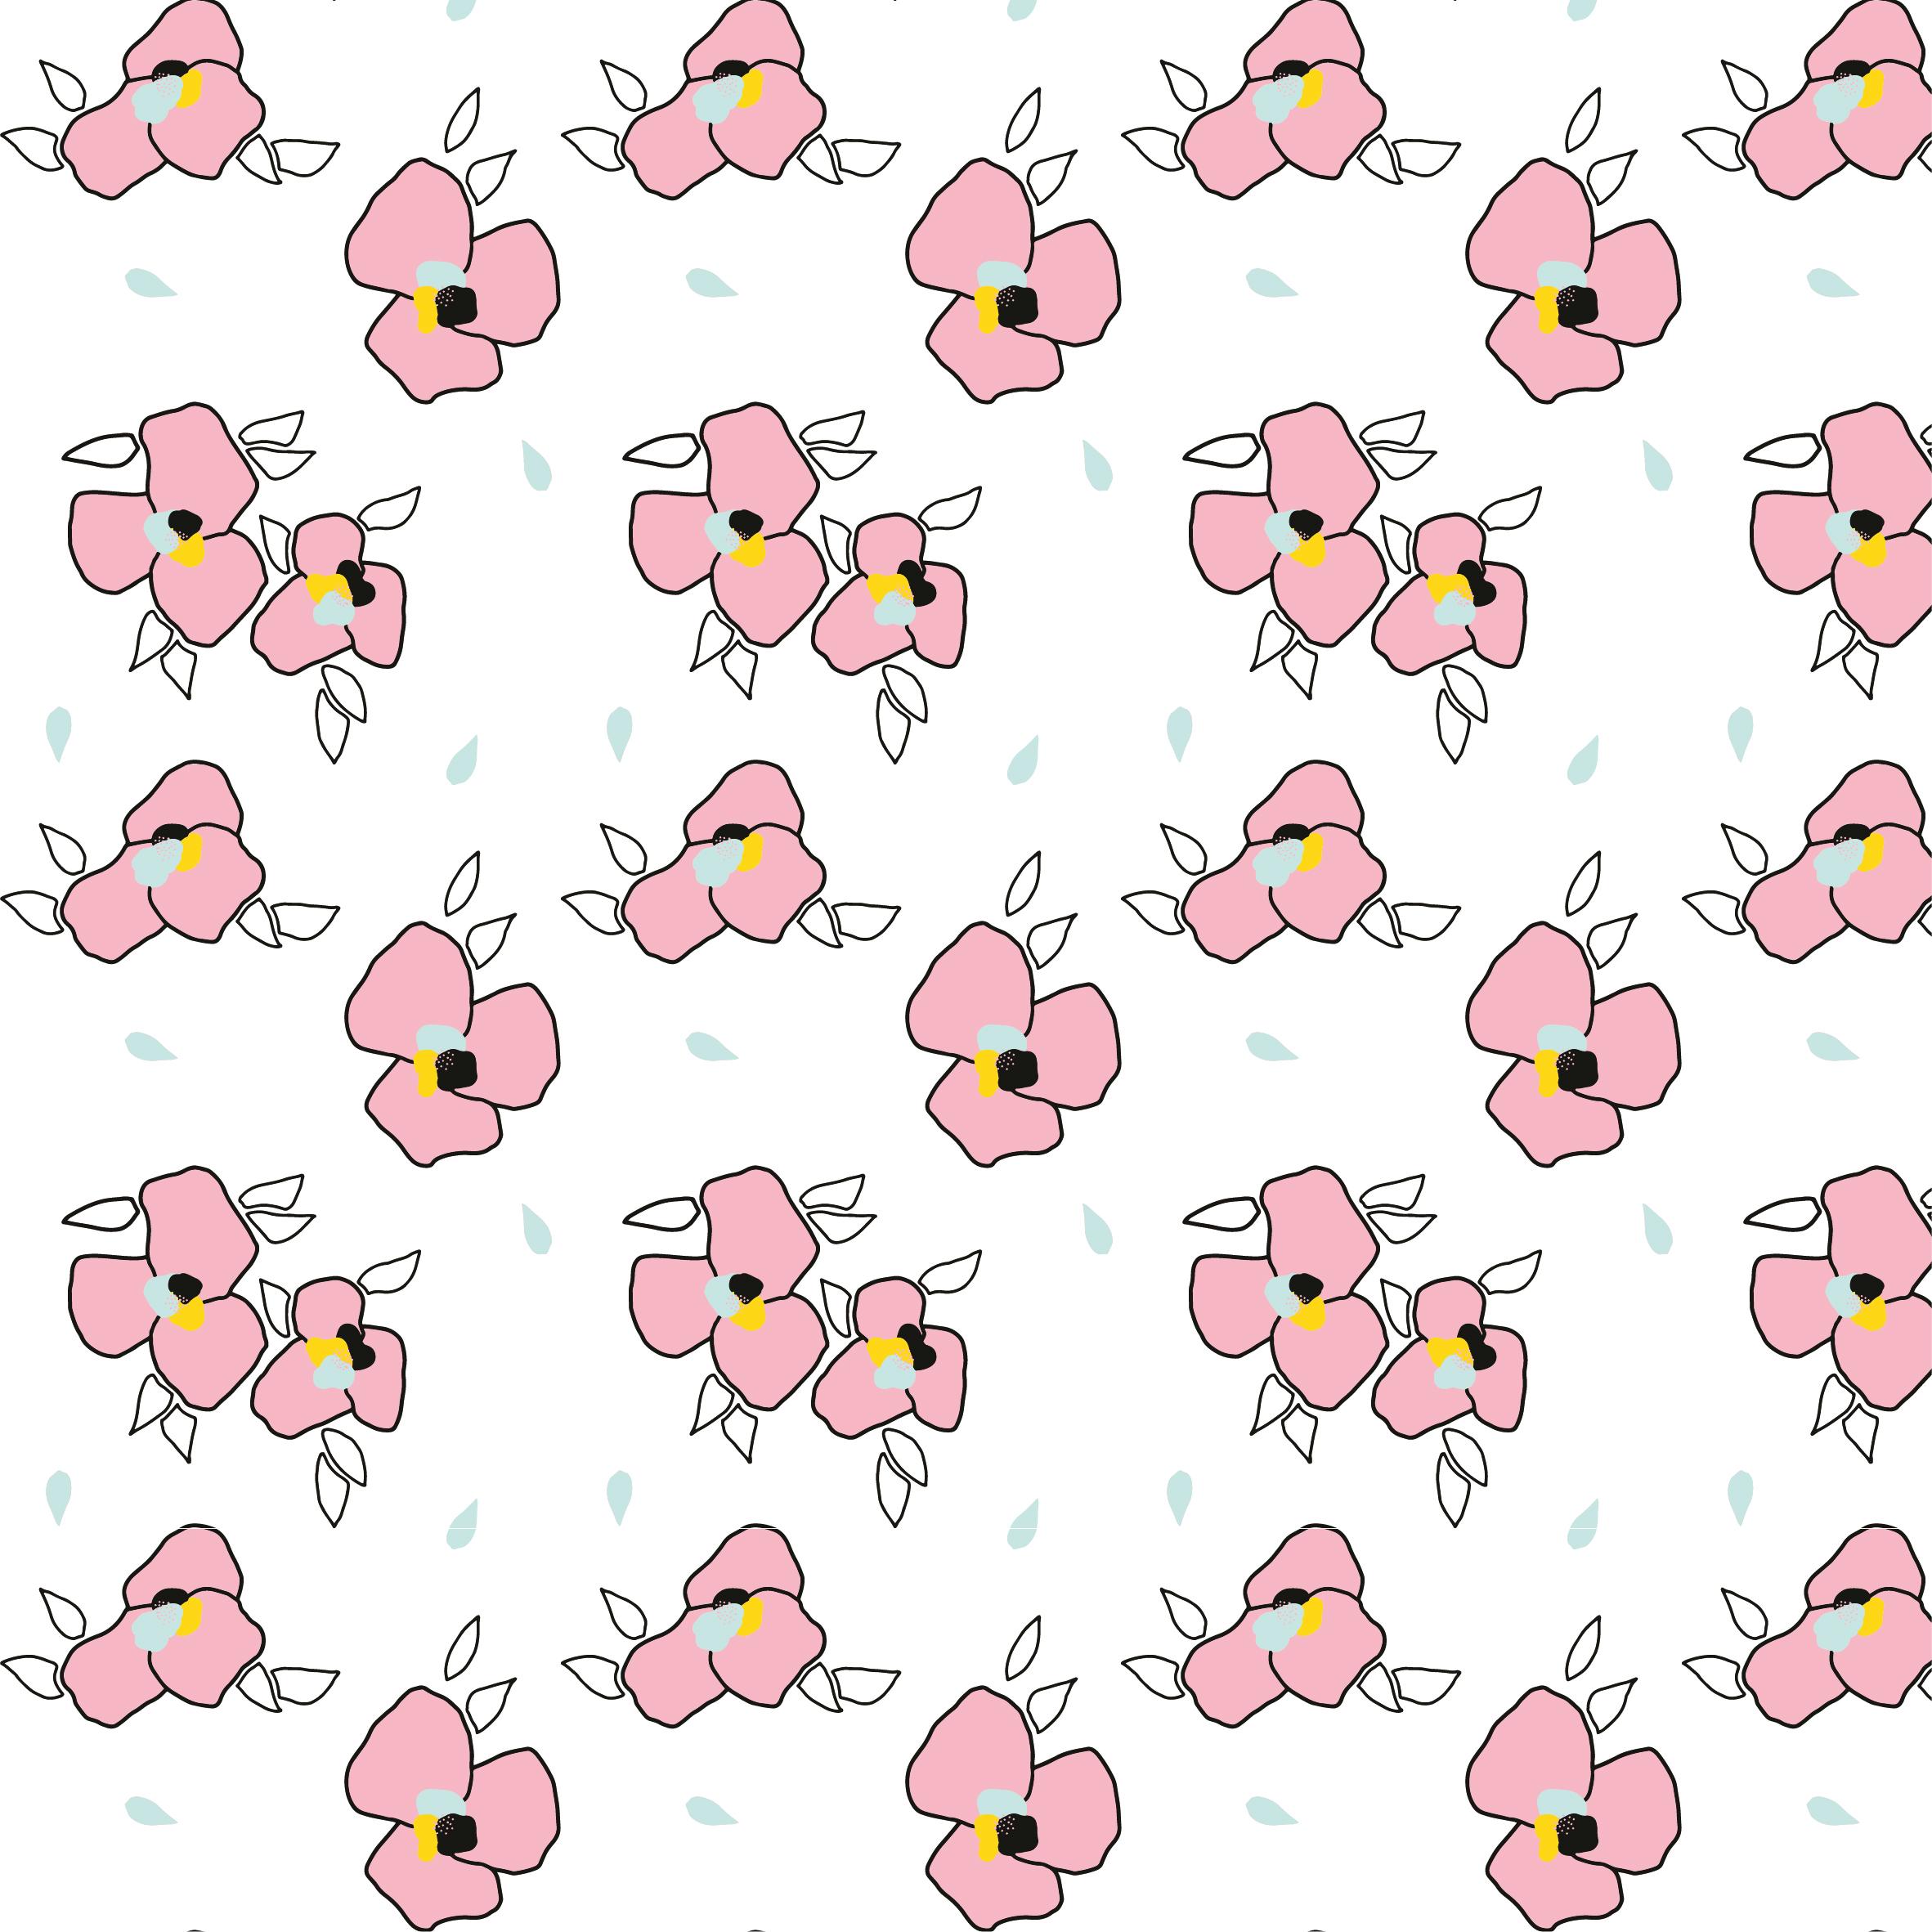 Motif fleuri, FL3, Votre motif - POP'Home, Pop Home, produits éco-responsables, produits éco-responsables français, produits éco-responsables made in France, produits personnalisés, produits personnalisés français, produits personnalisés made in France, produits personnalisables, produits personnalisables français, produits personnalisables made in France, produits made in France, produits français, textiles éco-responsables, textiles éco-responsables français, textiles éco-responsables made in France, textiles français, textiles made in France, textiles personnalisés, textiles personnalisés français, textiles personnalisés made in France, textiles personnalisables, textiles personnalisables français, textiles personnalisables made in France, motif enfantin, motif géométrique, motif abstrait, motif fleuri, motif figuratif, textiles à motifs, textile à motifs, produits à motifs, produit à motifs, produits à personnaliser, produits salle de bain, produits maison, produits salle de bain personnalisables, produits maison personnalisables, papeterie, papeterie personnalisable, papeterie personnalisé, cadeau personnalisé, idée cadeau, idée cadeau personnalisé, cadeau made in France, made in France, produit unique, produit écologique, décoration d'intérieur, motifs, objet unique, objet personnalisé, objet personnalisable, objet made in France, produit made in France, produits écologiques, objets écologiques, créatrice française, designer, Eloïse Abadia-Pacitti